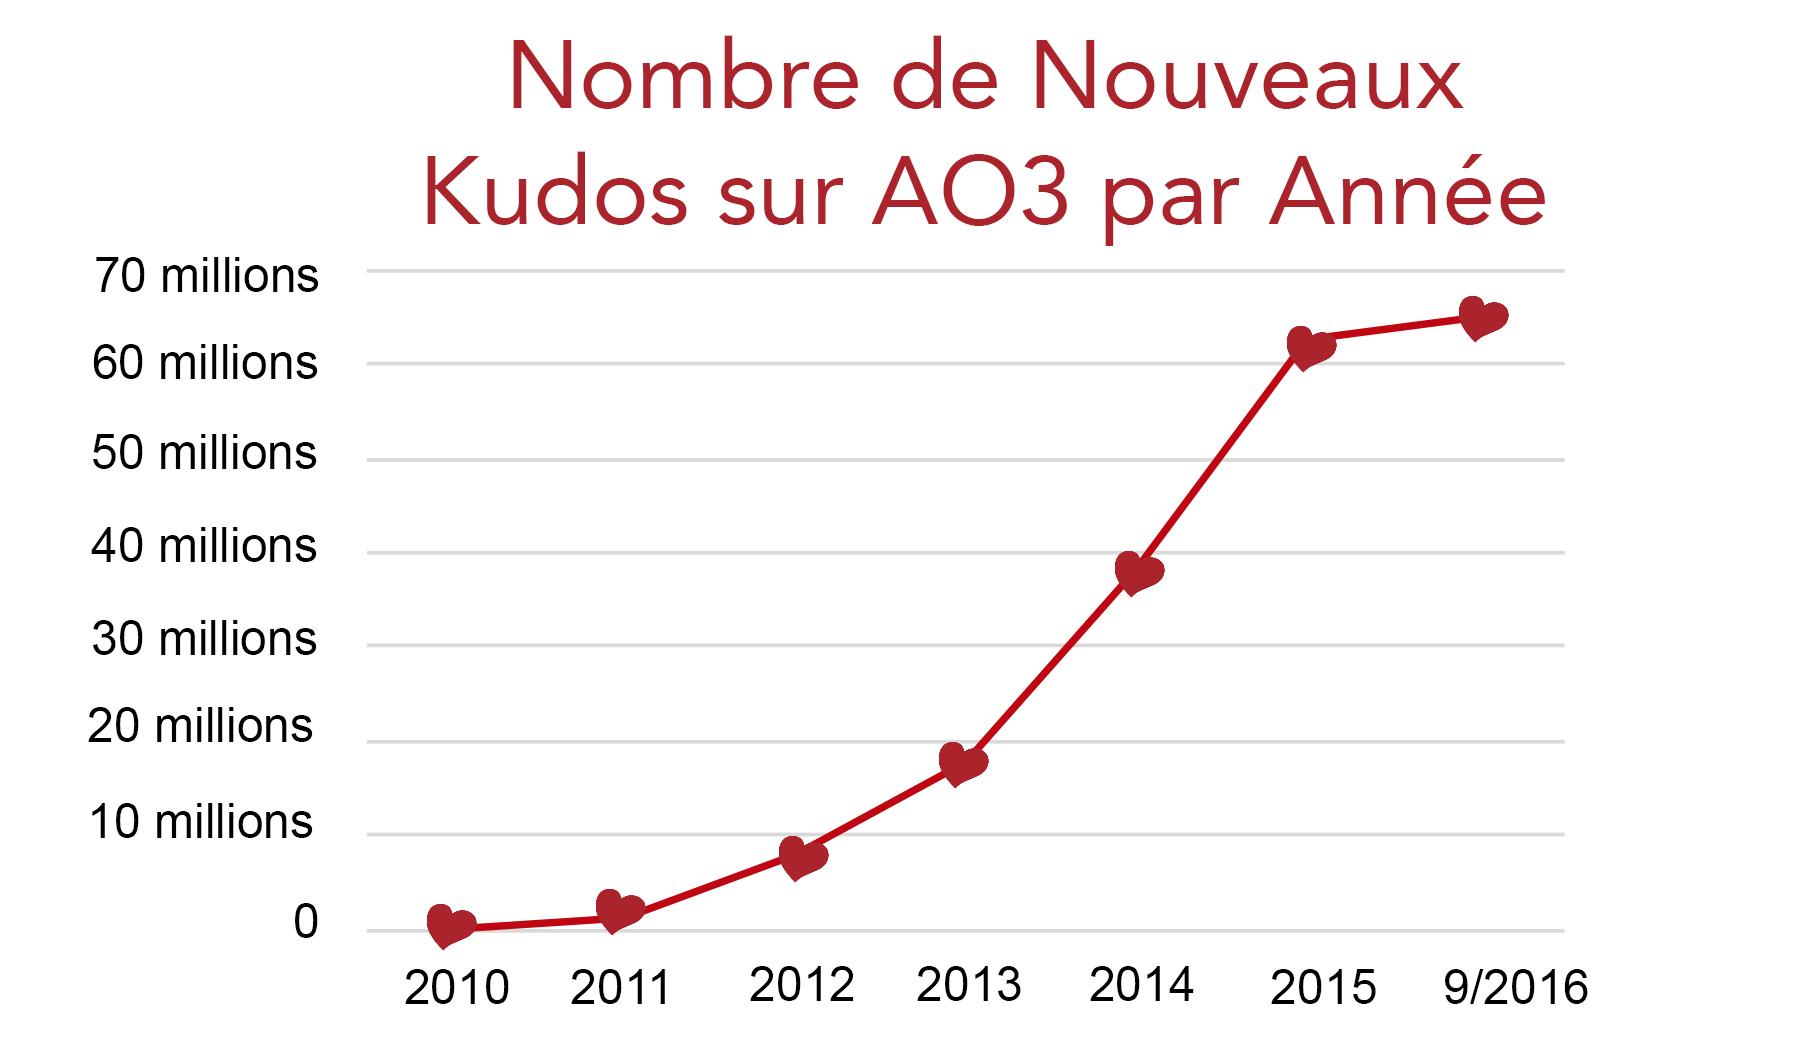 Graphique montrant la croissance du nombre de kudos sur AO3, depuis zéro en 2010 jusqu'à plus de 60 millions au mois de septembre 2016.